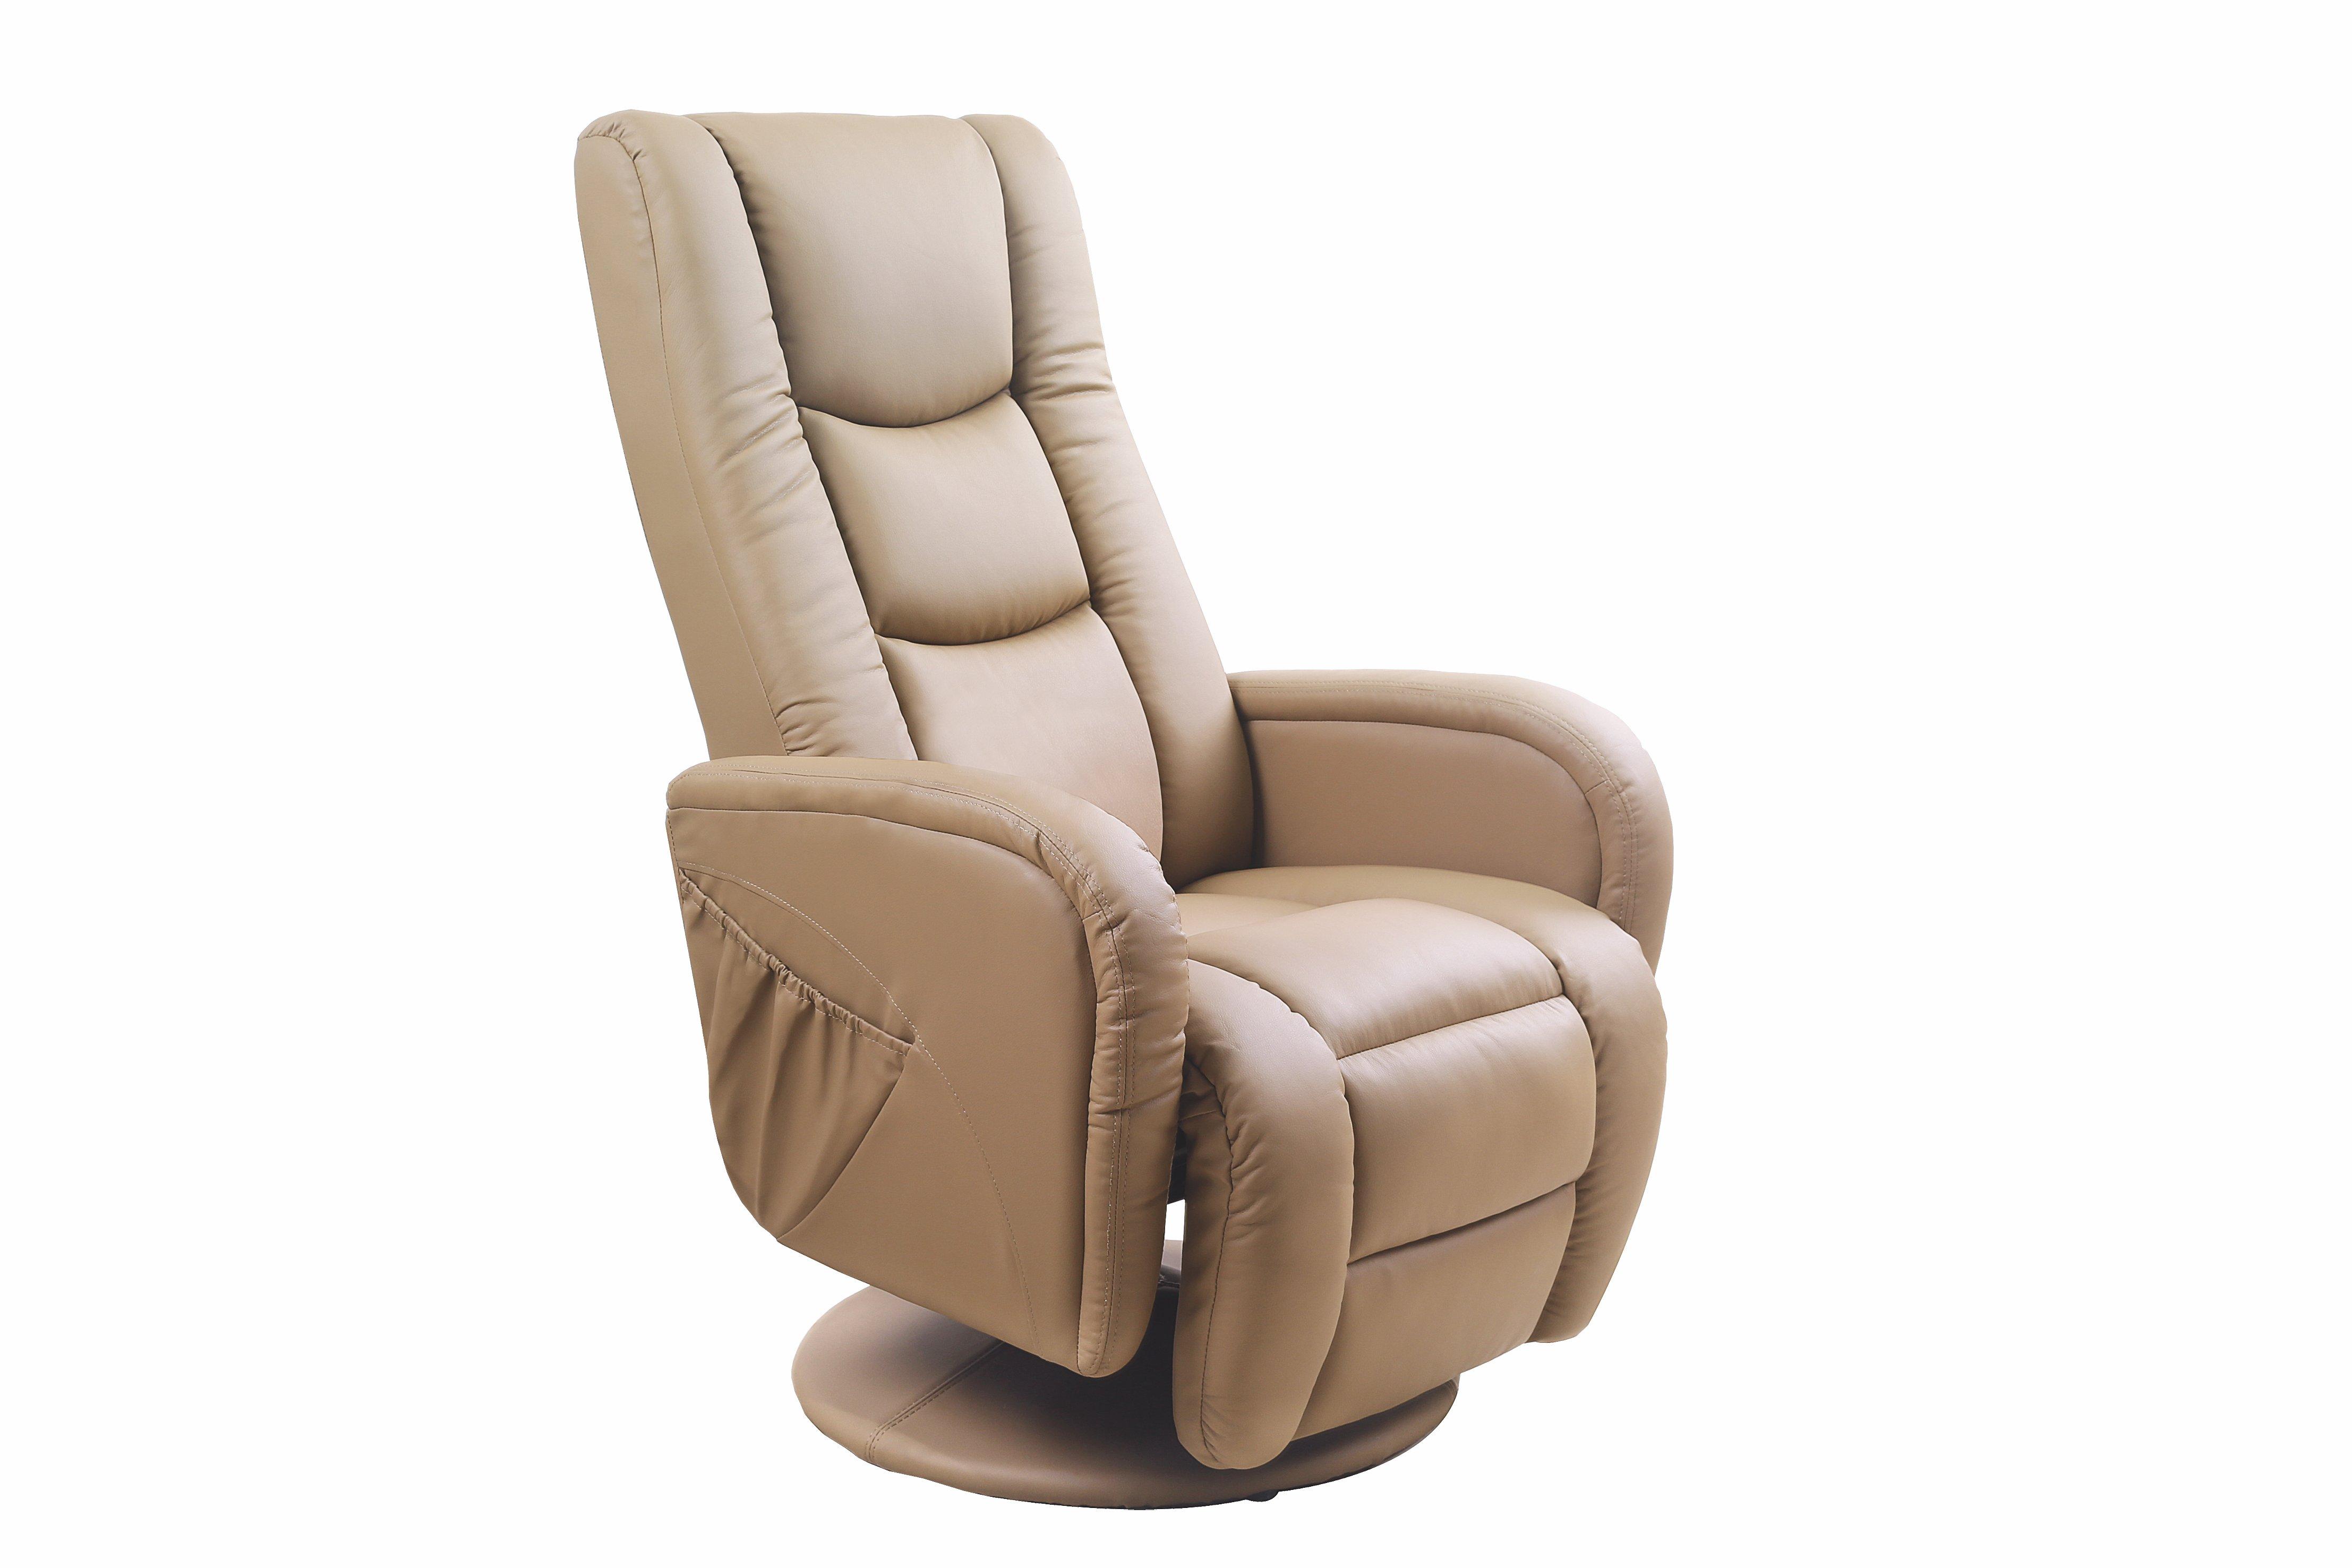 Relaxačné kreslo - Halmar - Pulsar (béžová). Sme autorizovaný predajca Halmar. Vlastná spoľahlivá doprava až k Vám domov.